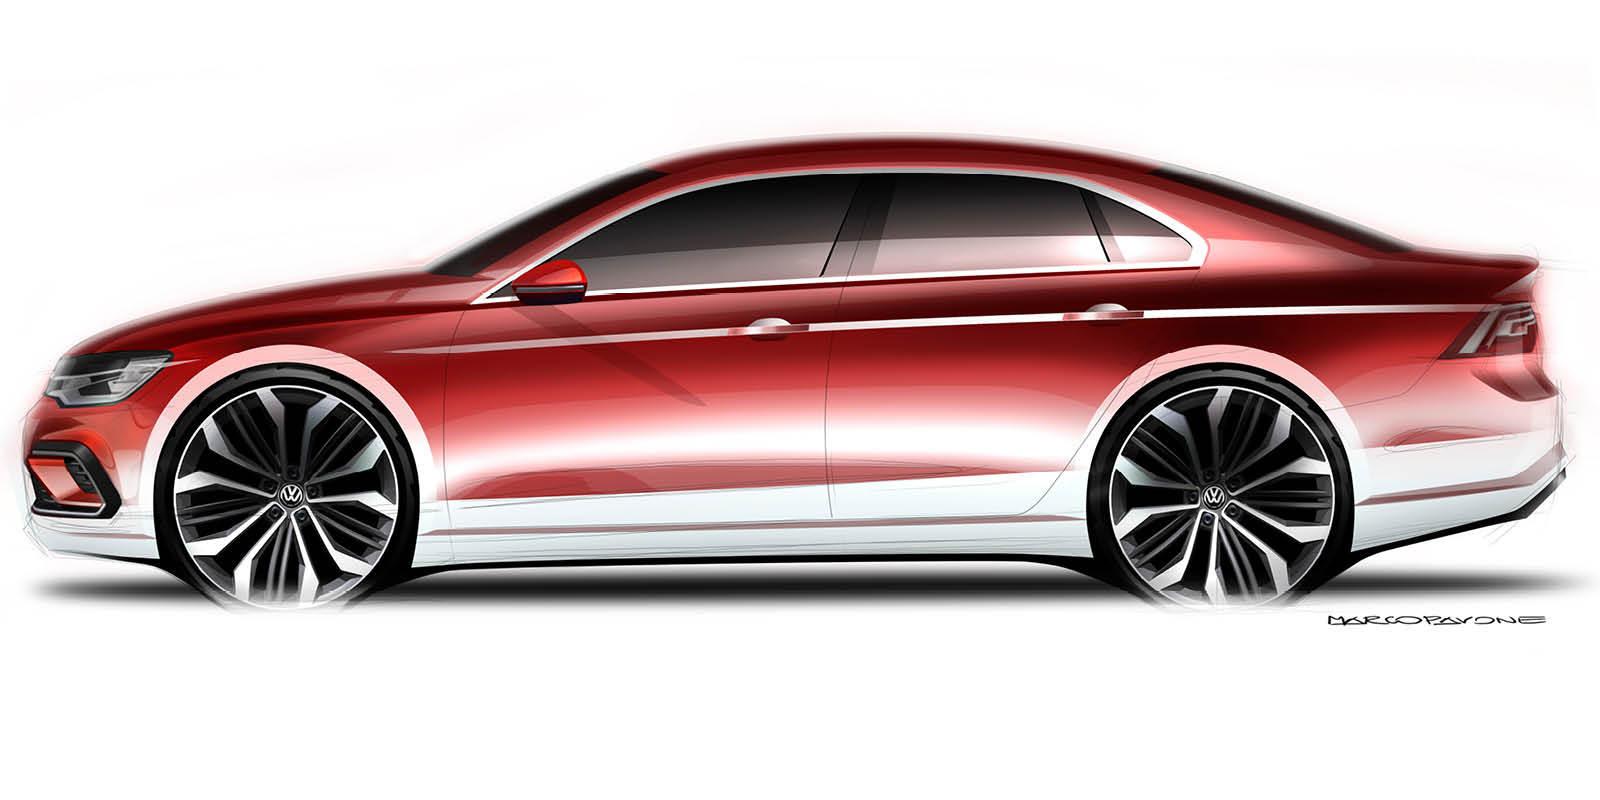 Foto de Volkswagen New Midsize Coupé Concept (1/3)